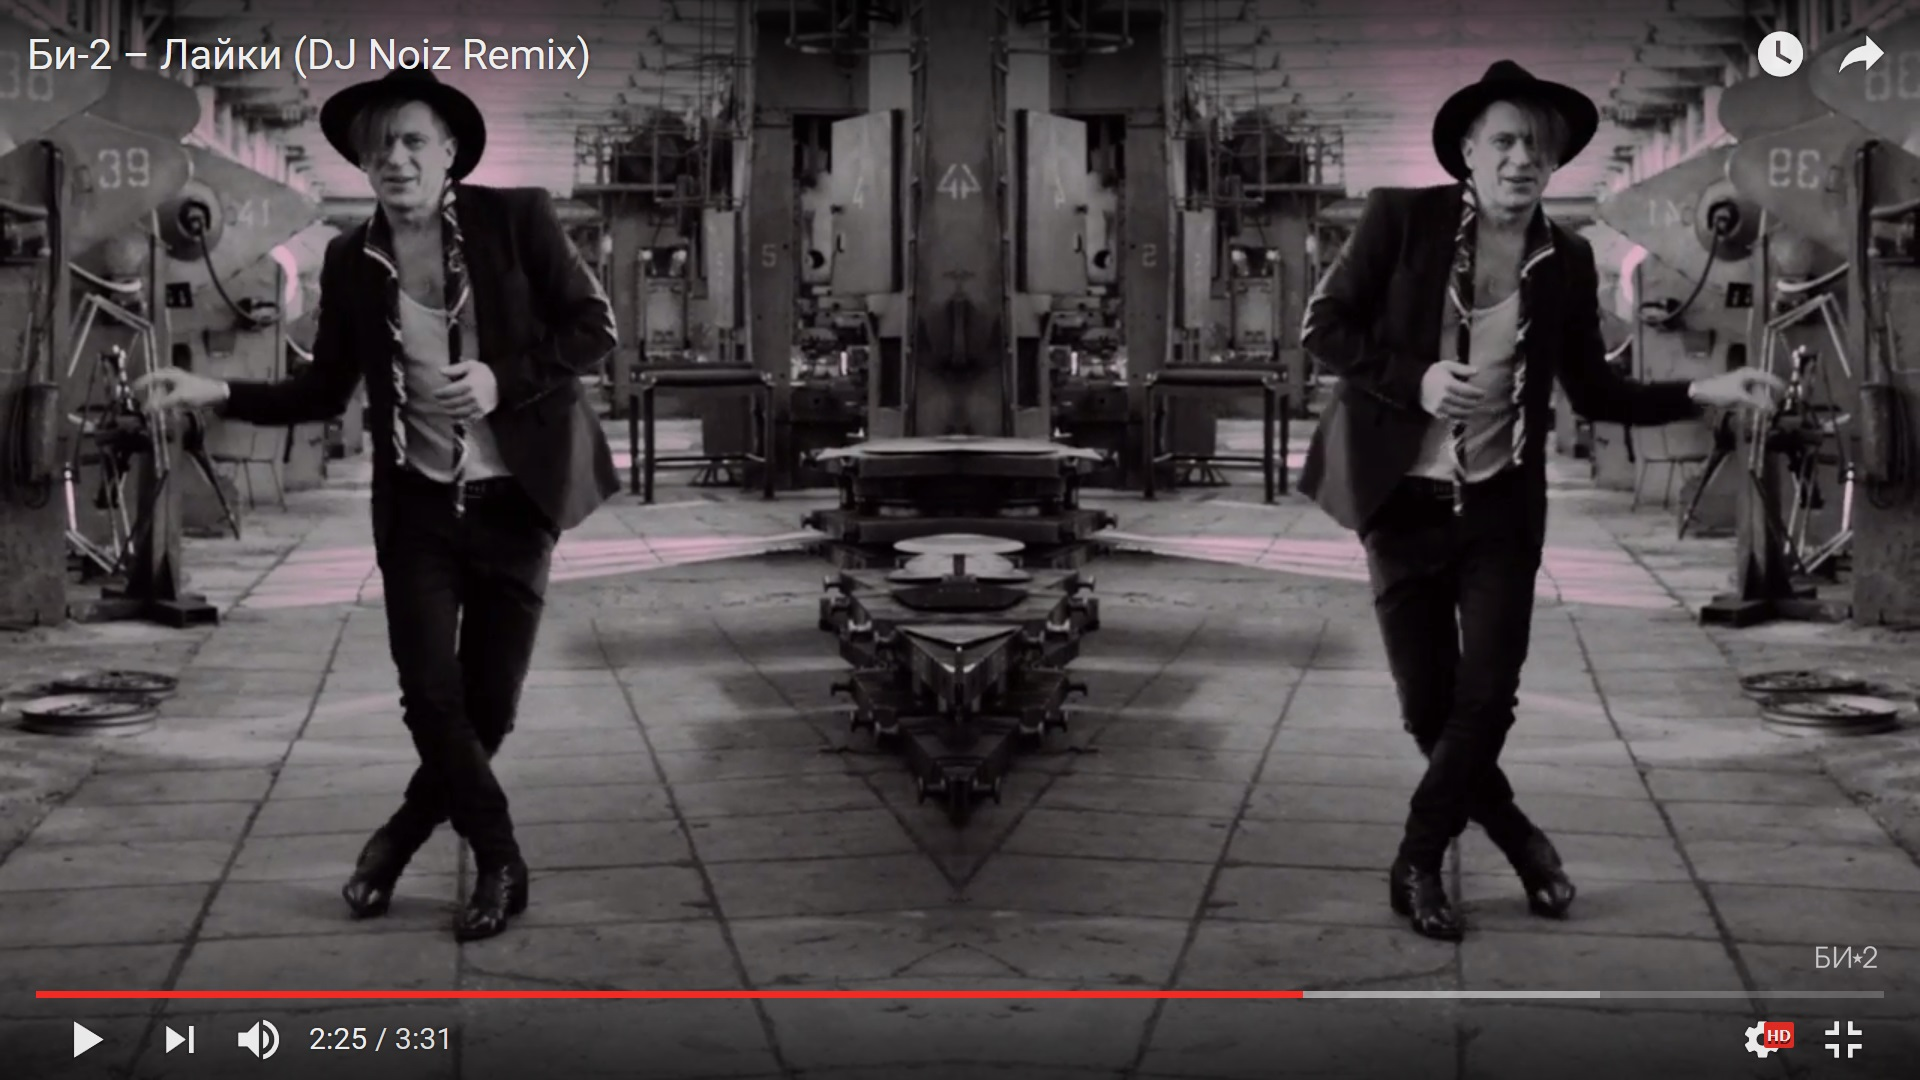 Би-2 представили танцевальную версию клипа Лайки